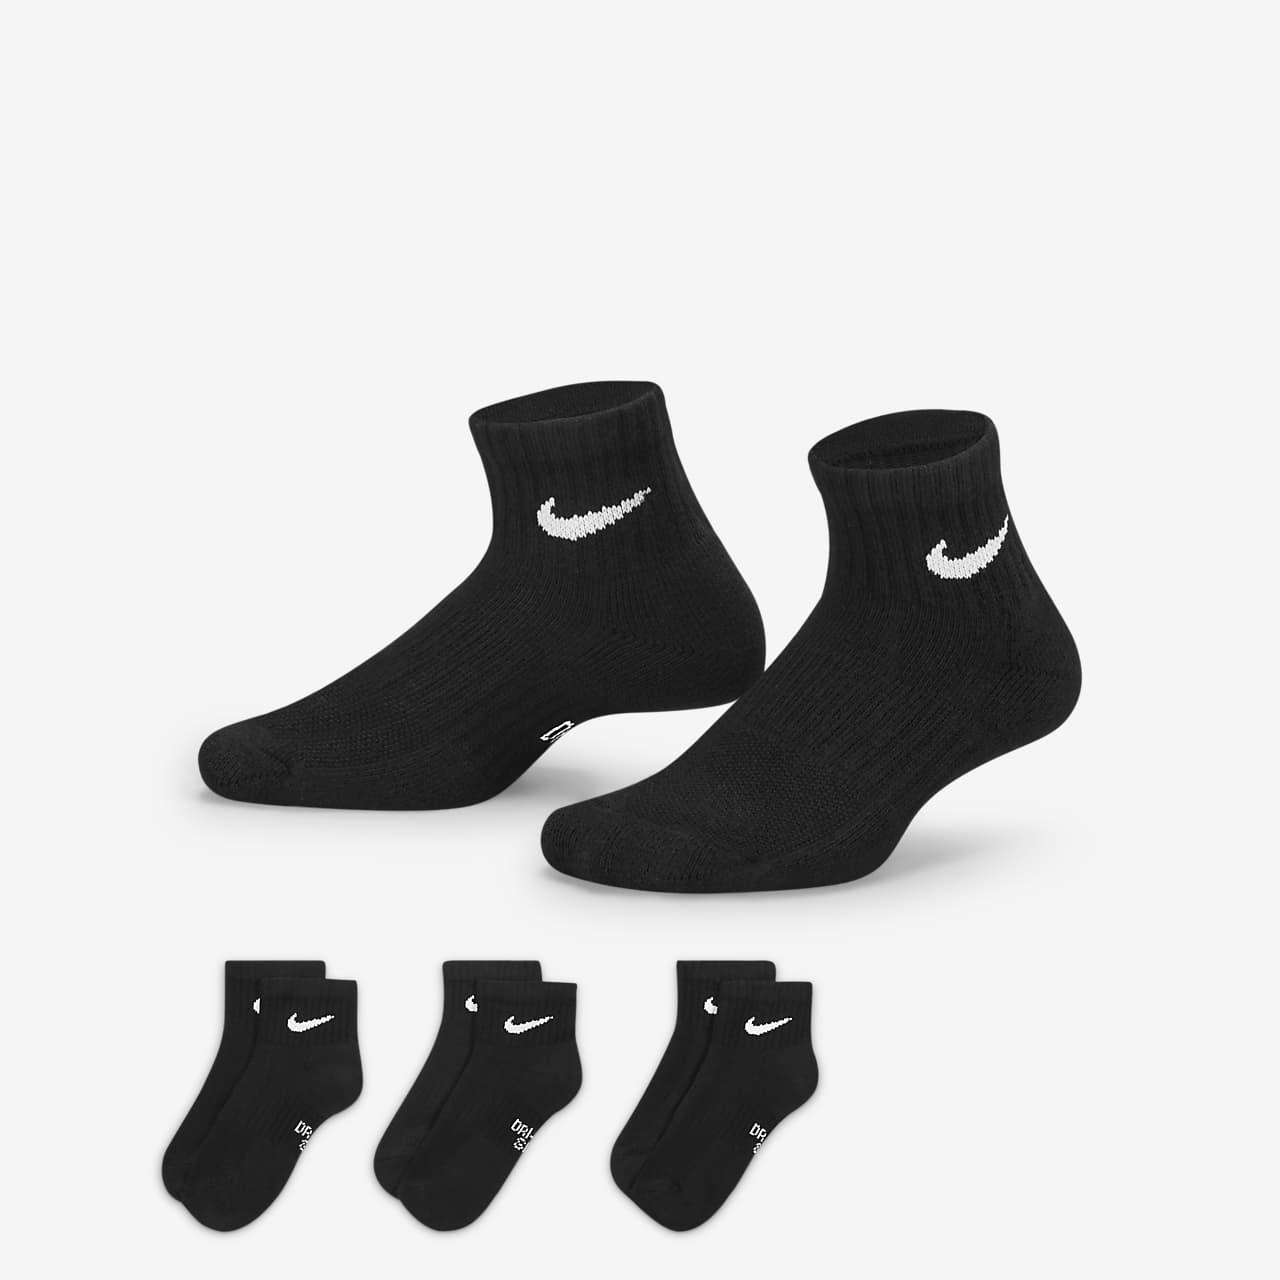 Nike Performance Cushioned Quarter-træningsstrømper til børn (3 par)